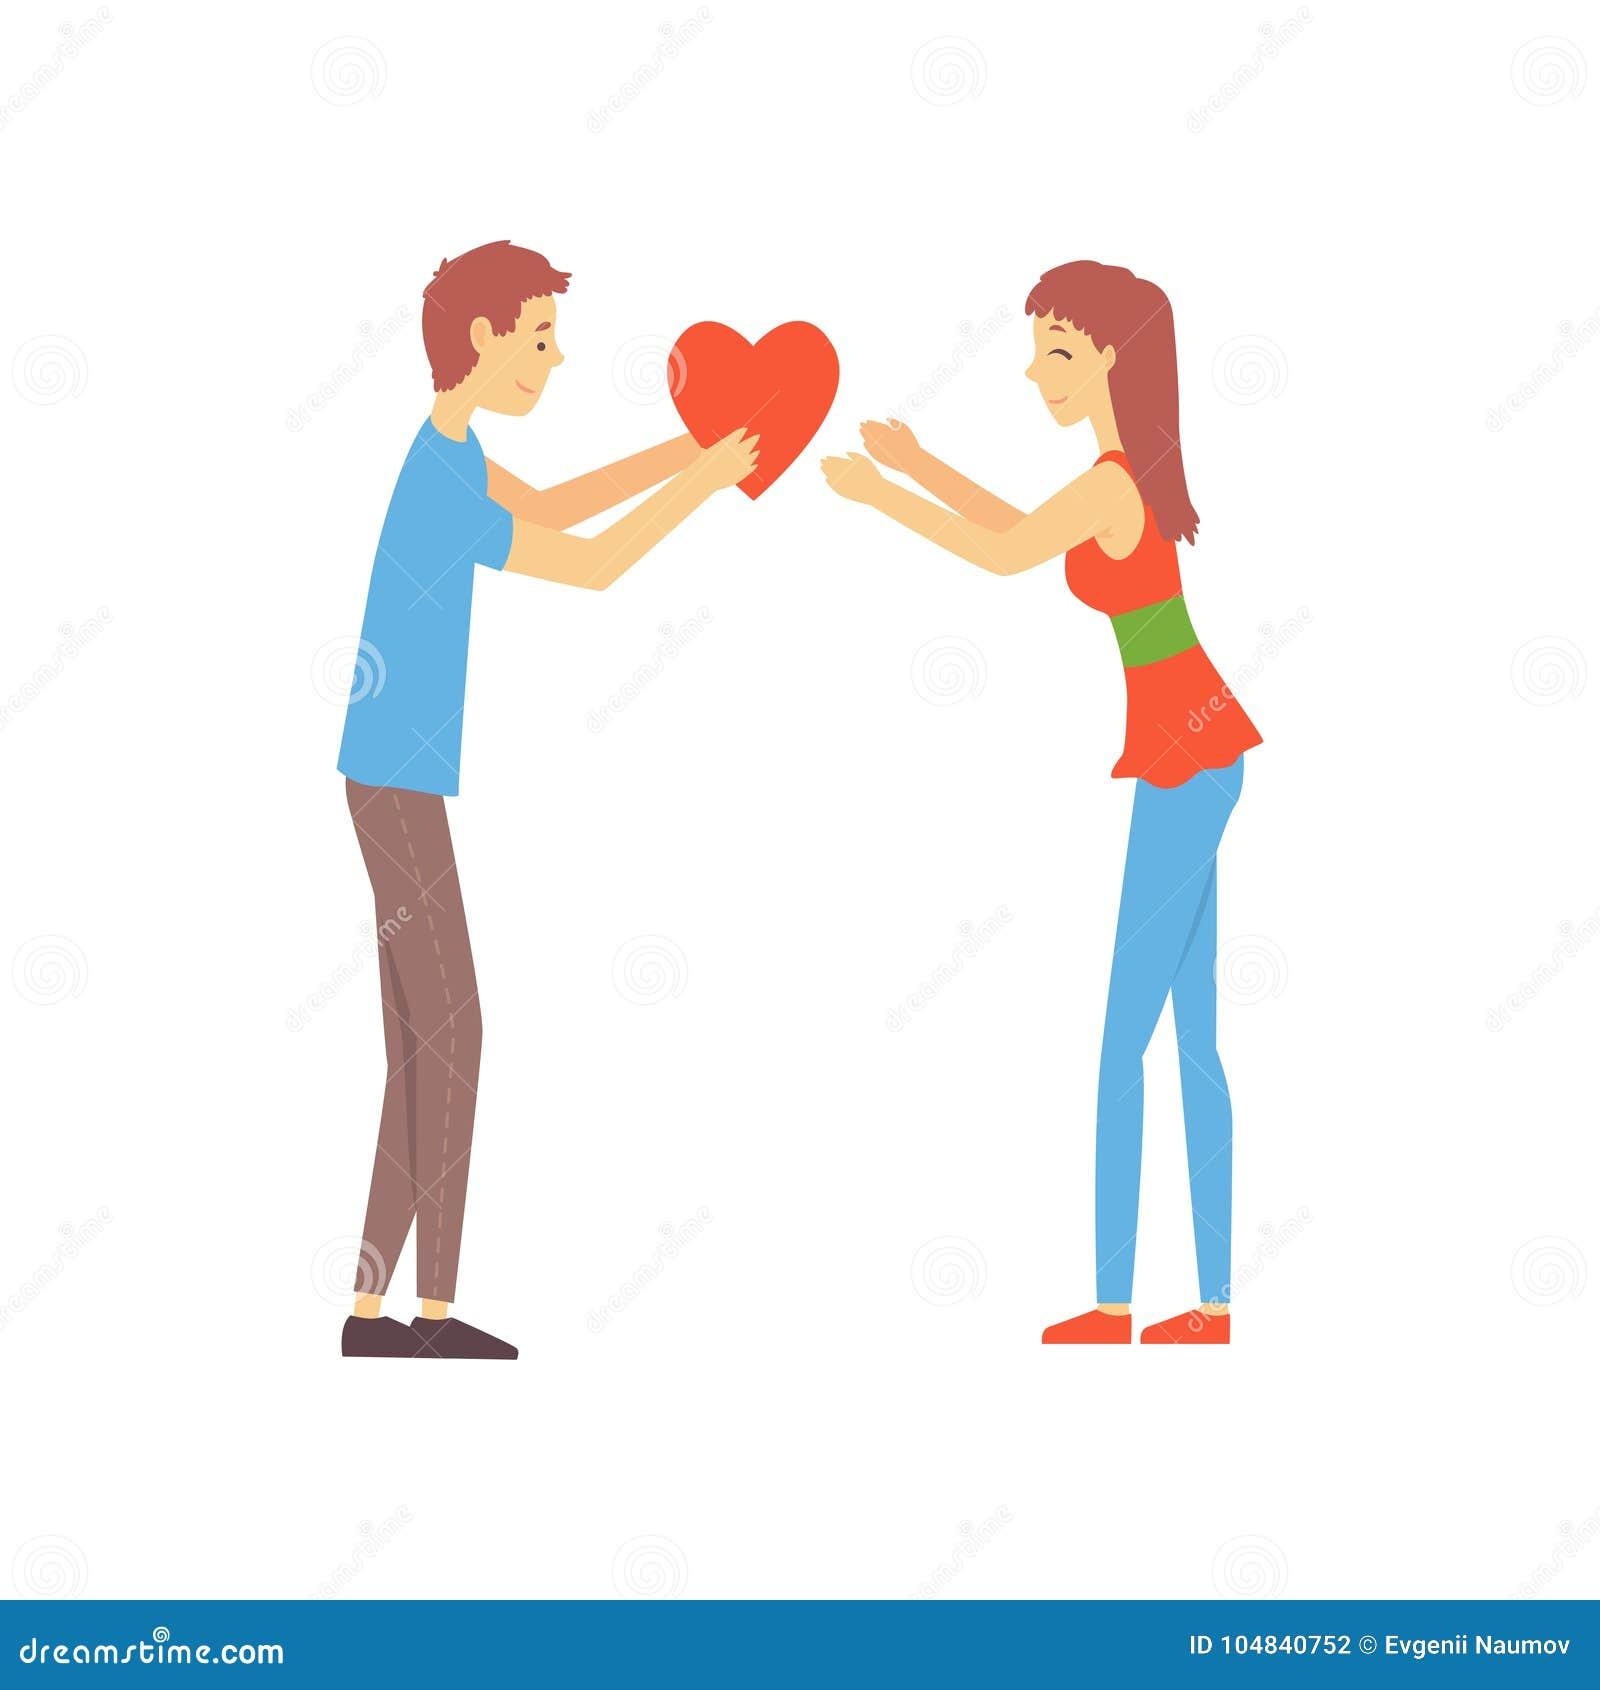 kan een introvert dating een introverte